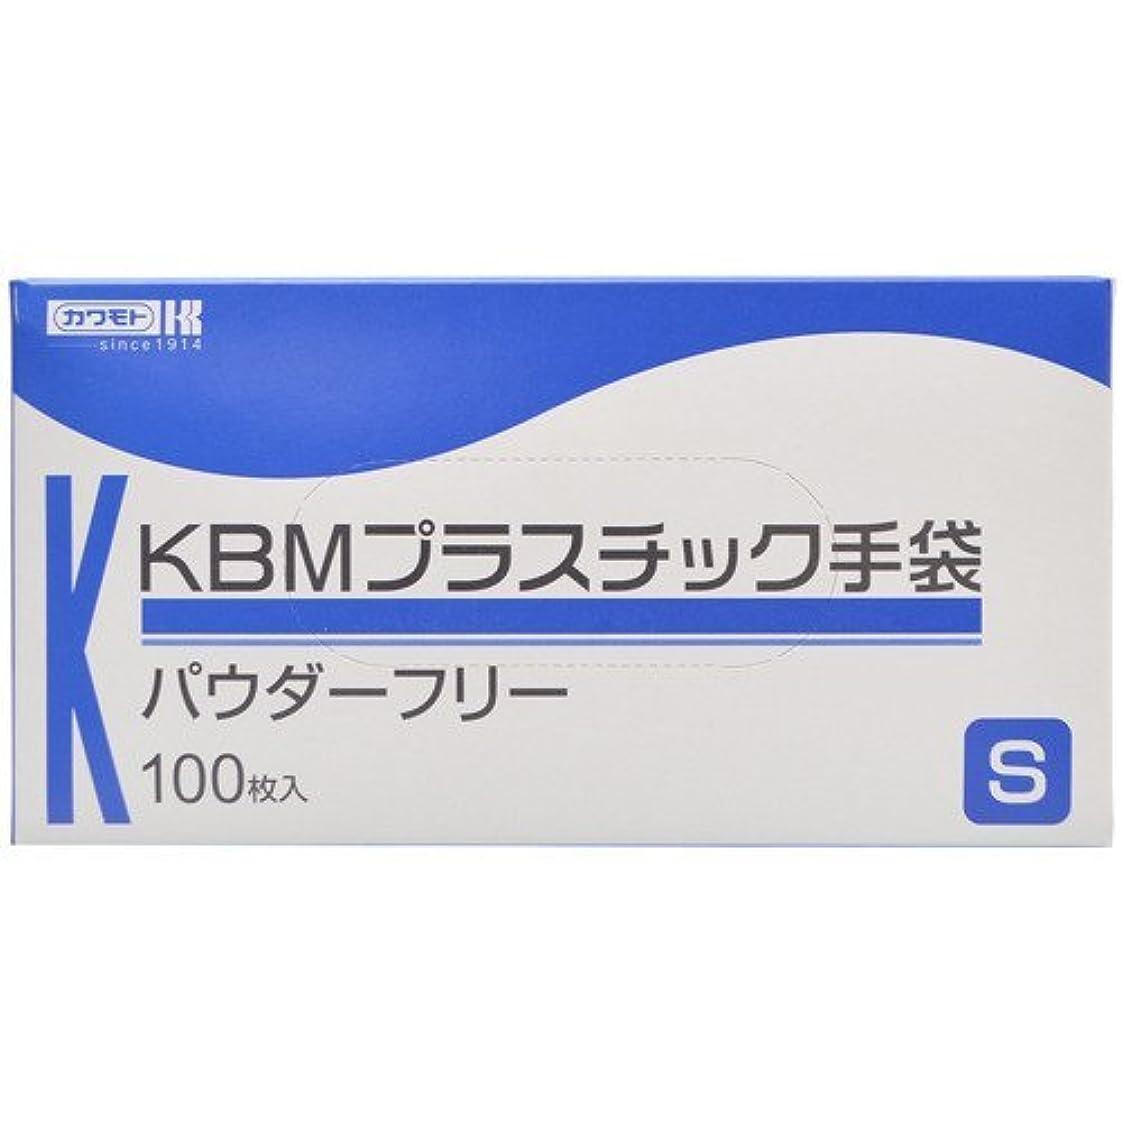 川本産業 KBMプラスチック手袋 パウダーフリー S 100枚入